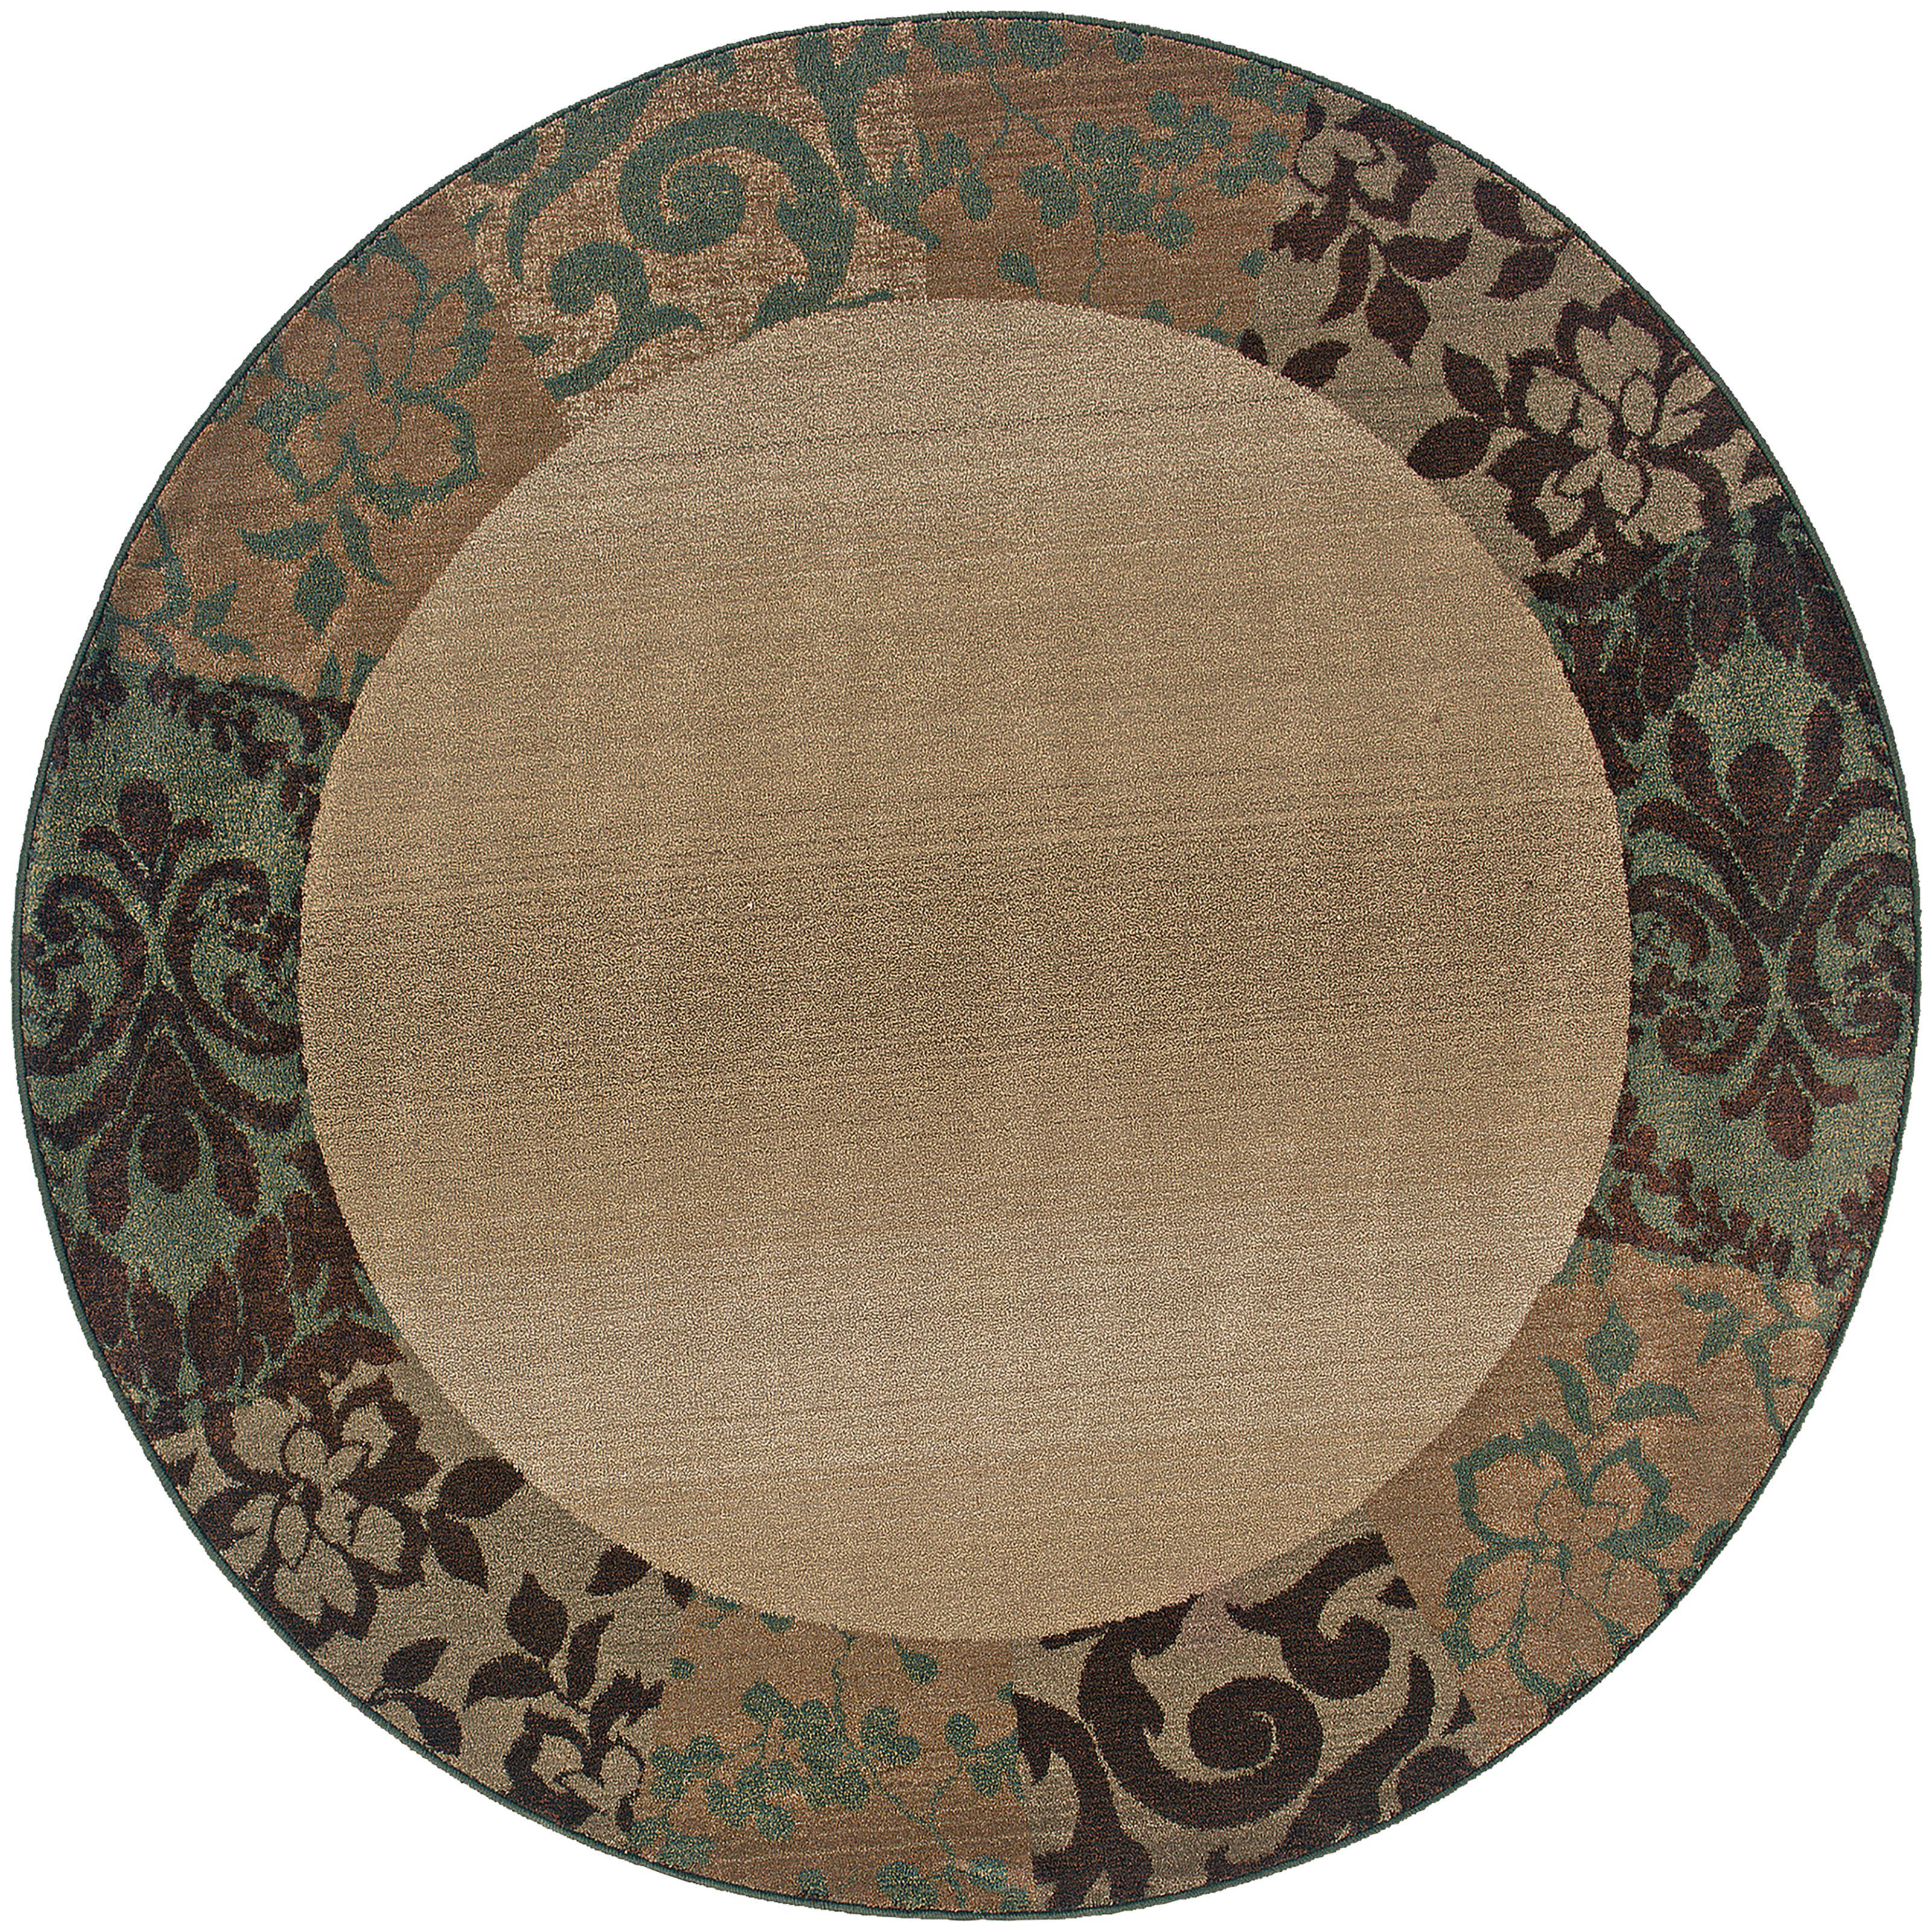 Oriental Weavers Genesis 6' Rug - Item Number: G2060Y180180ST